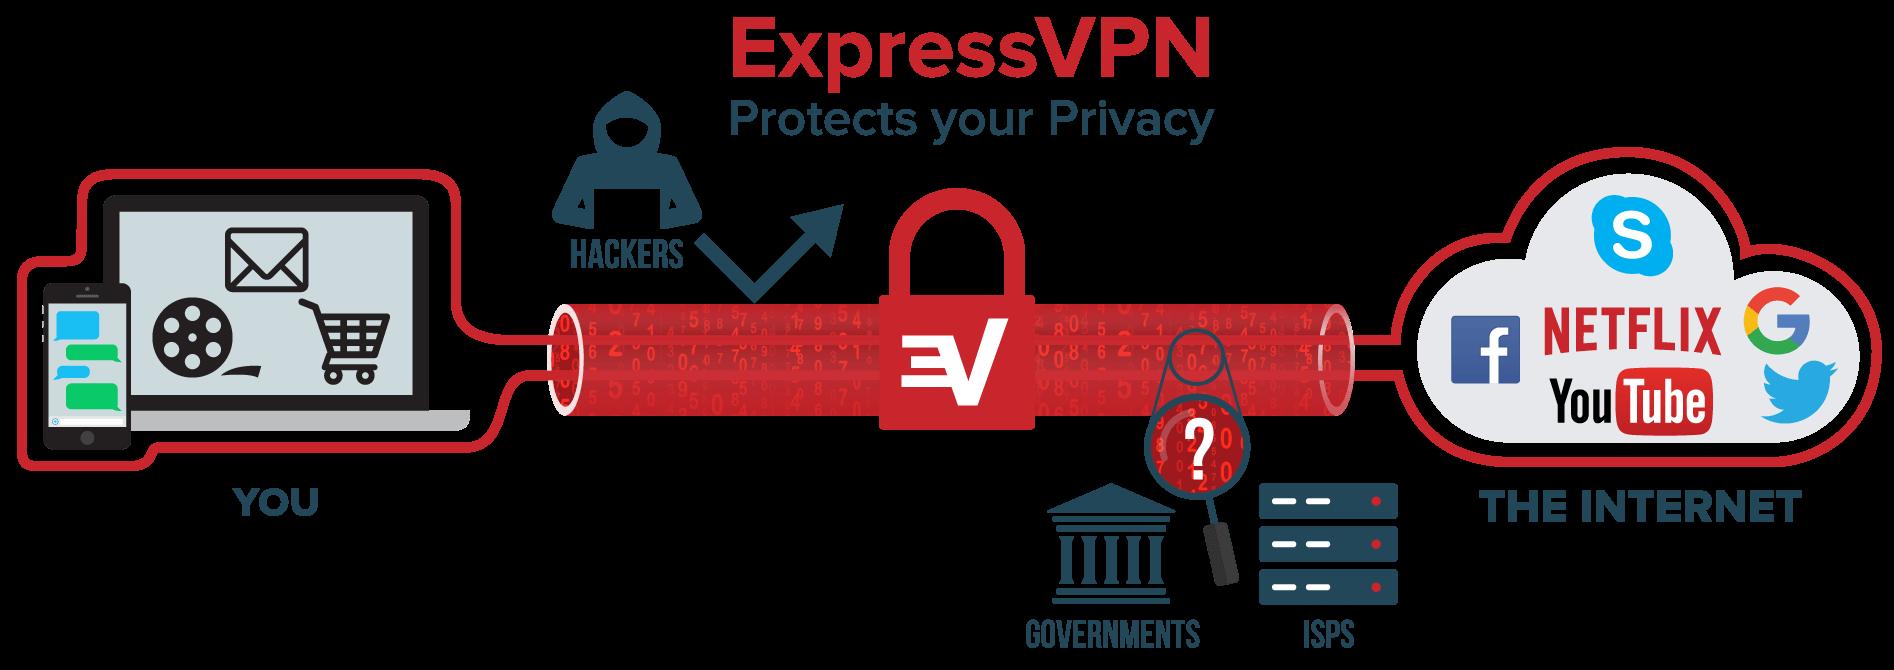 Maana ya VPN na Jinsi ya Kutumia Kwenye Simu au Kompyuta